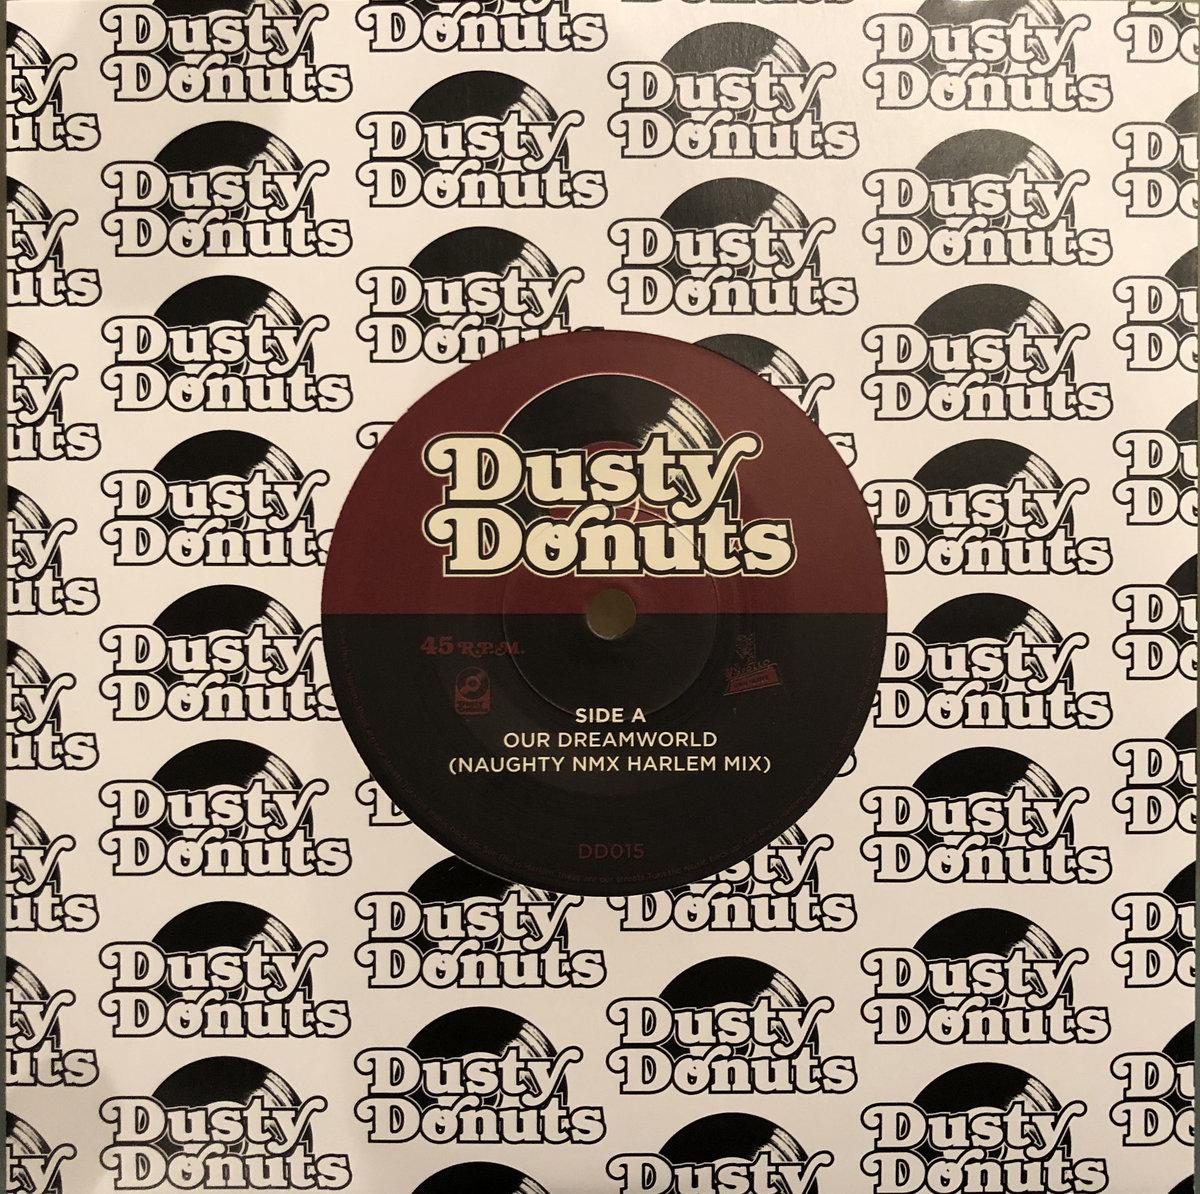 Busty Dusty